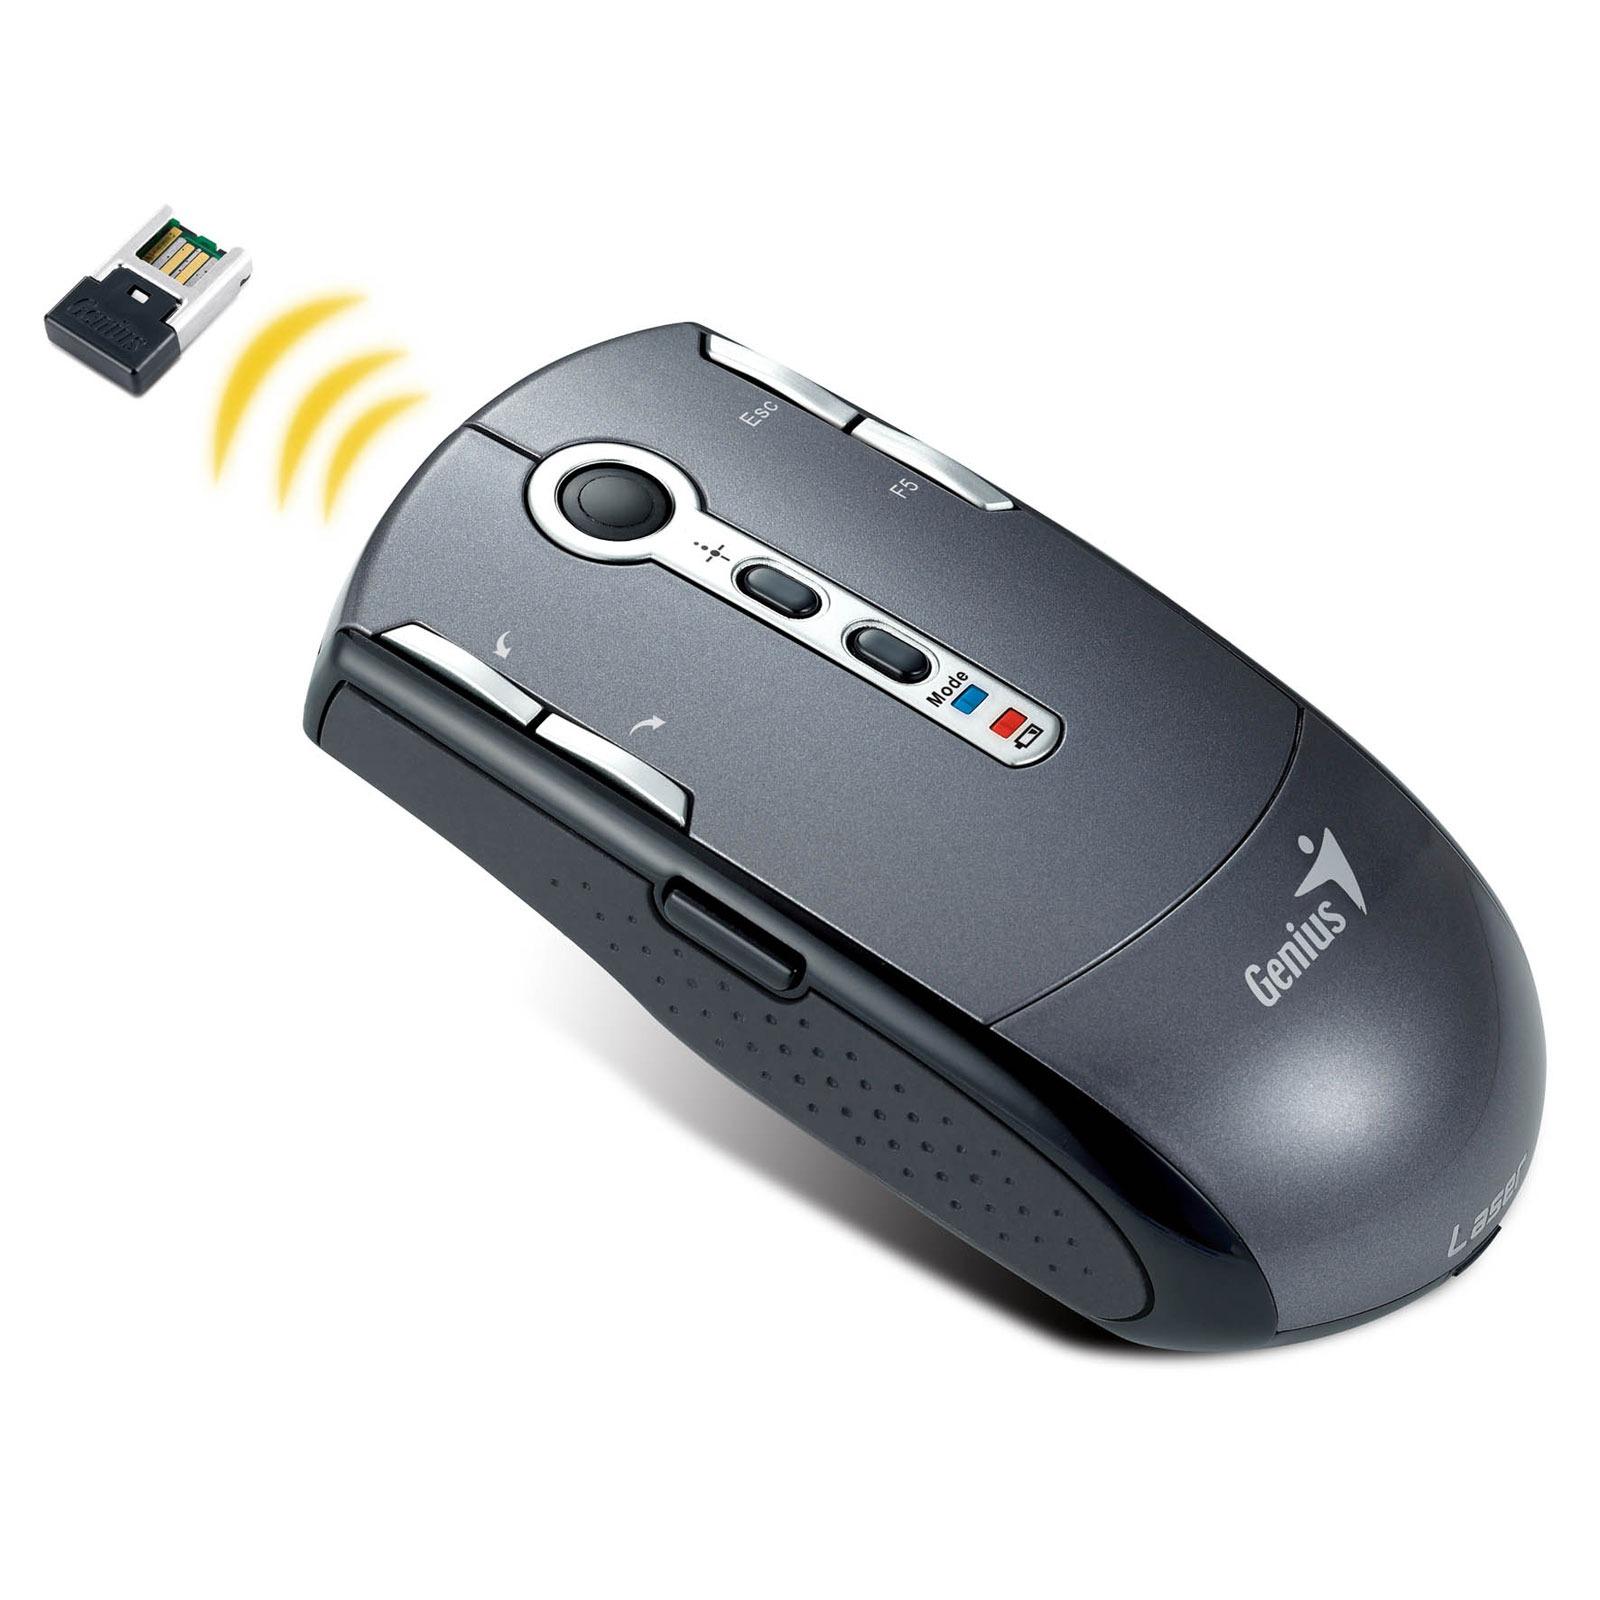 Souris PC Genius Navigator T835 Laser Genius Navigator T835 Laser - Souris laser sans fil